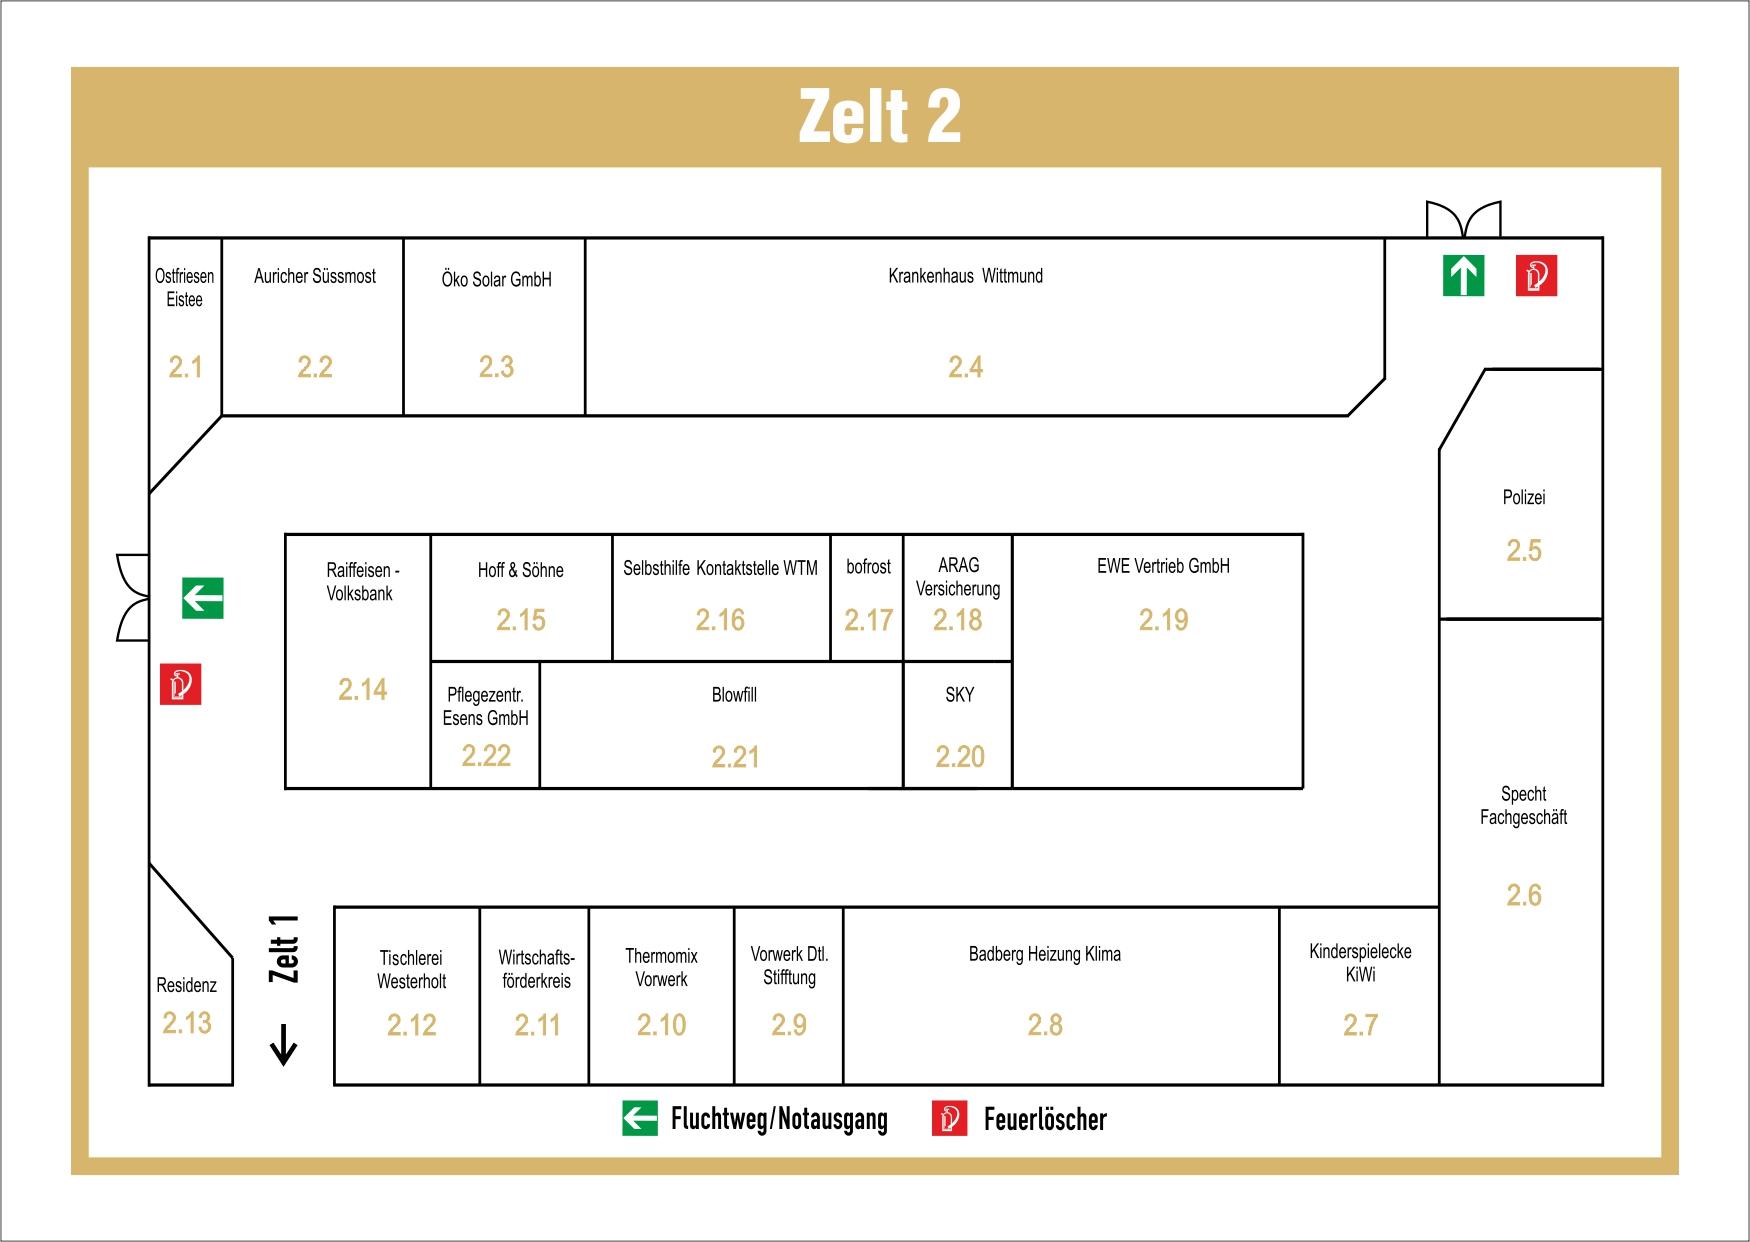 Zelt-2